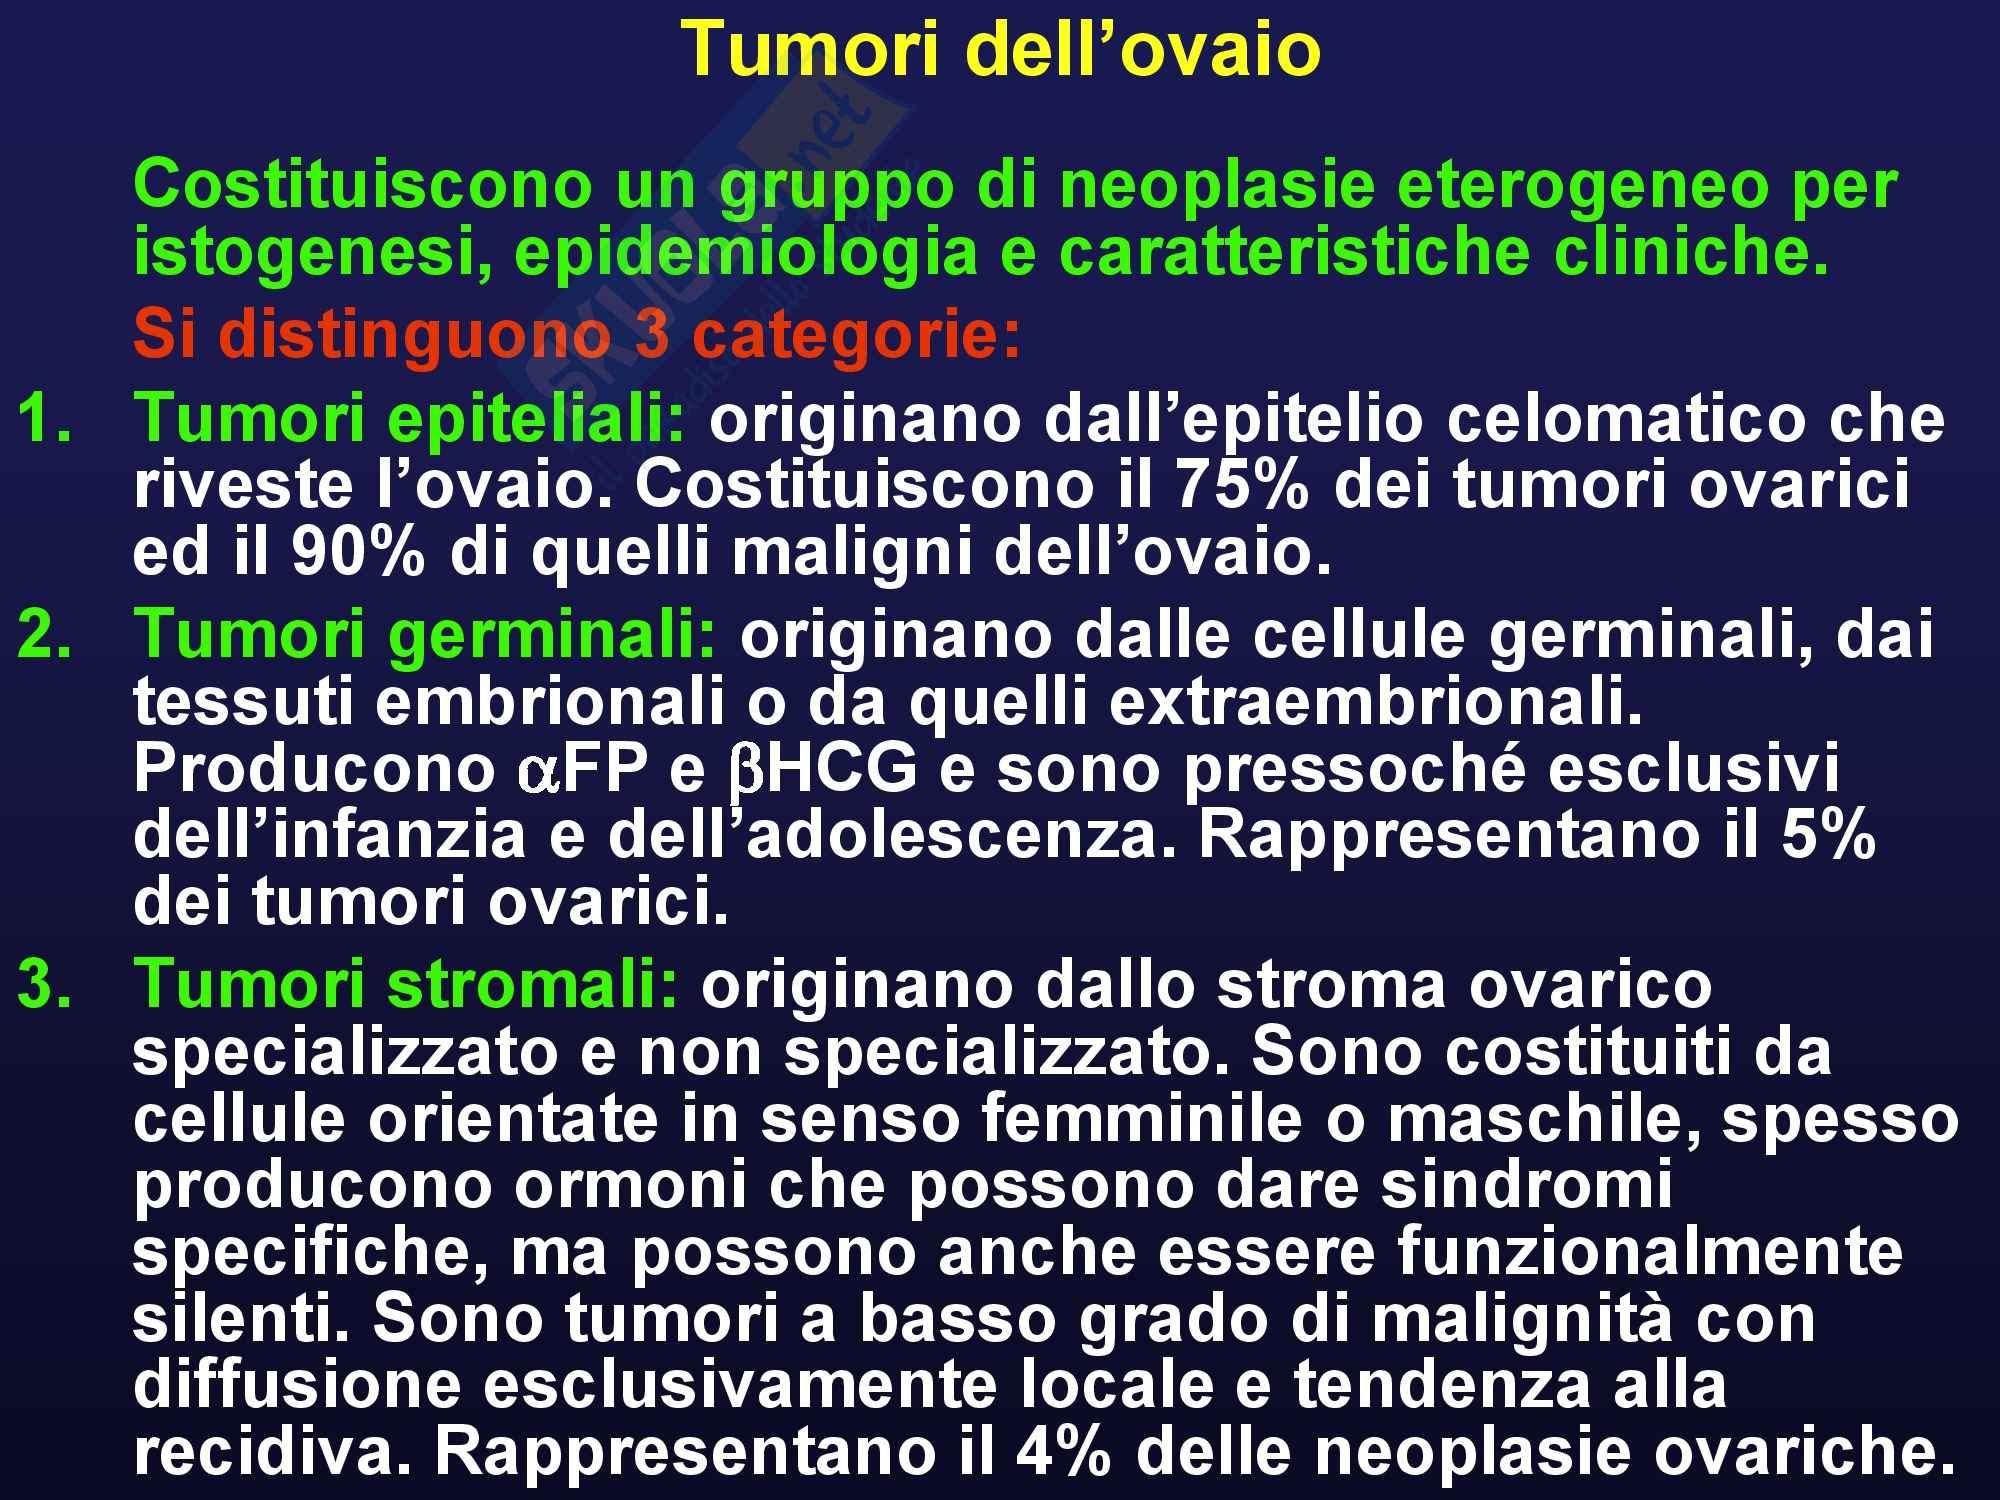 Oncologia medica - Tumori ovarici